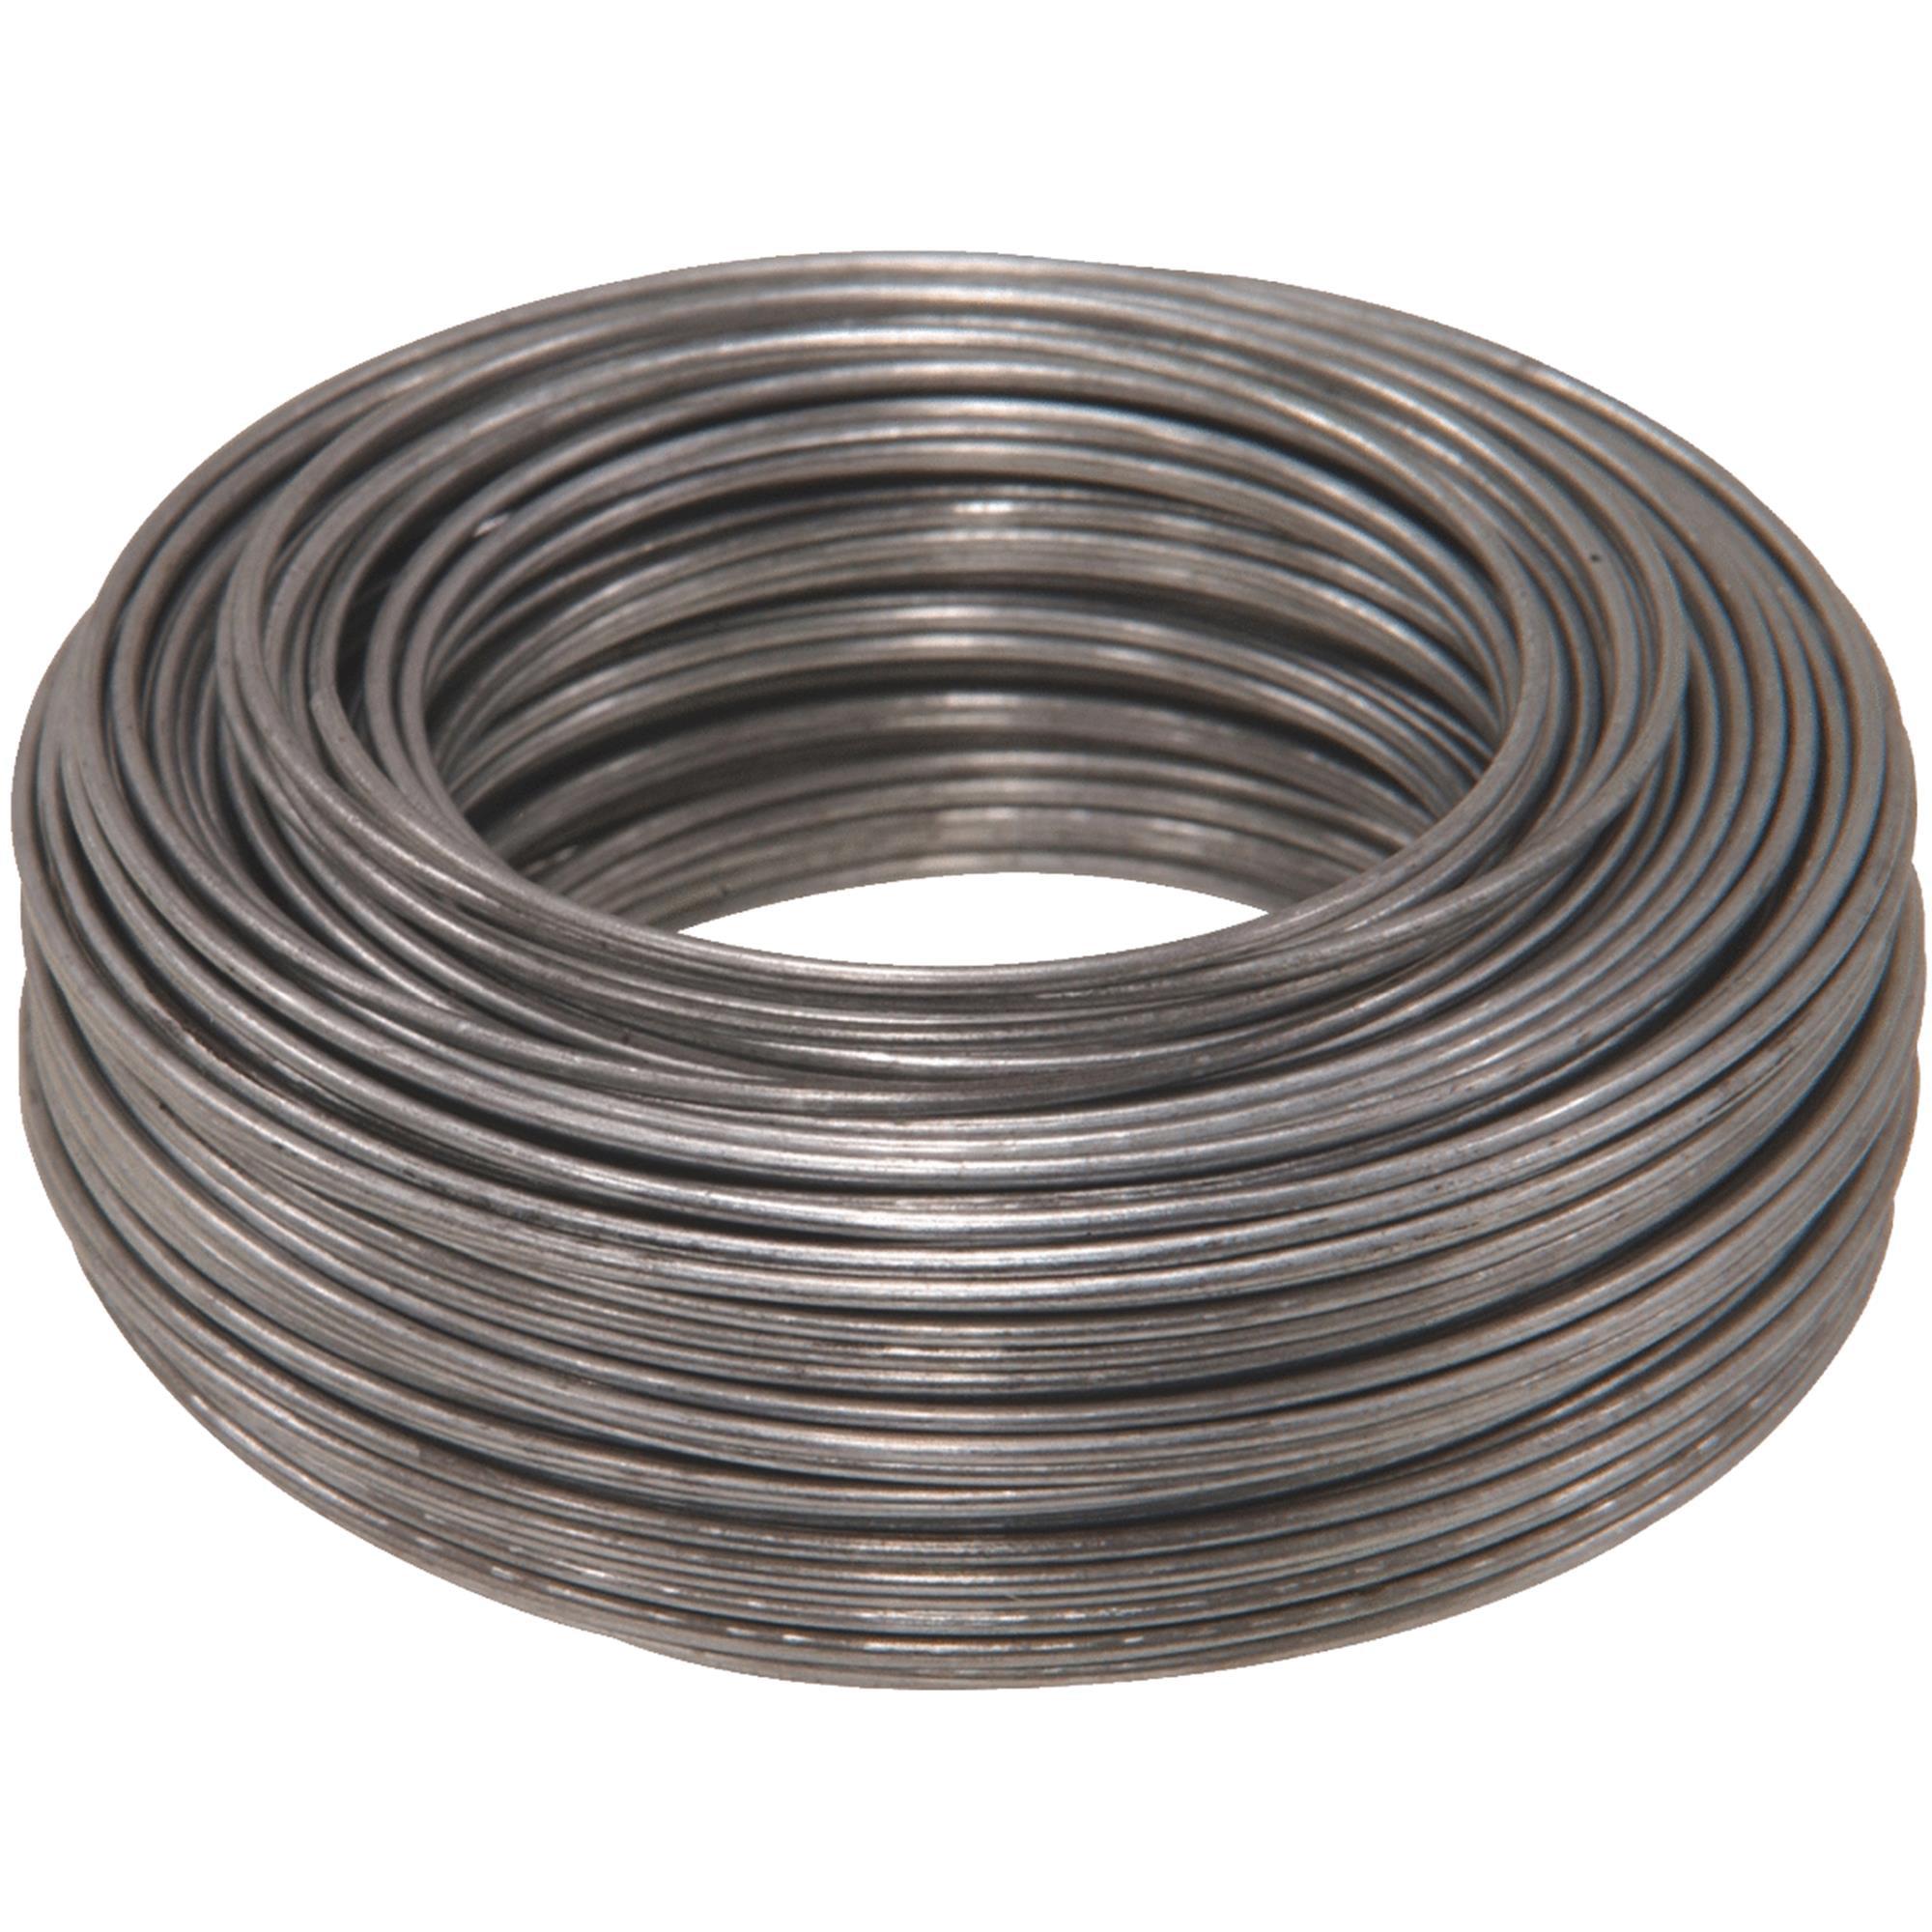 HILLMAN Anchor Wire General-Purpose Wire